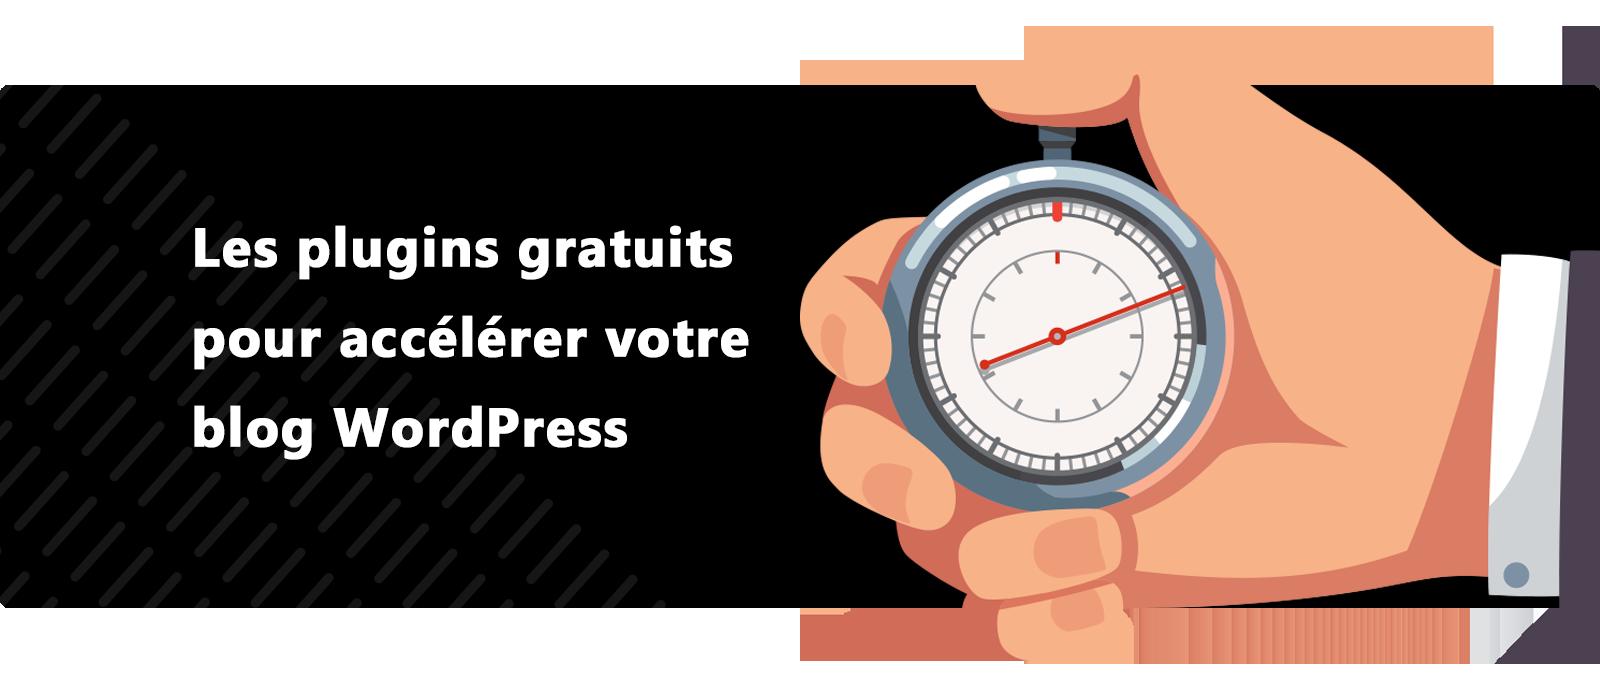 Plugins gratuits pour accélérer wordpress